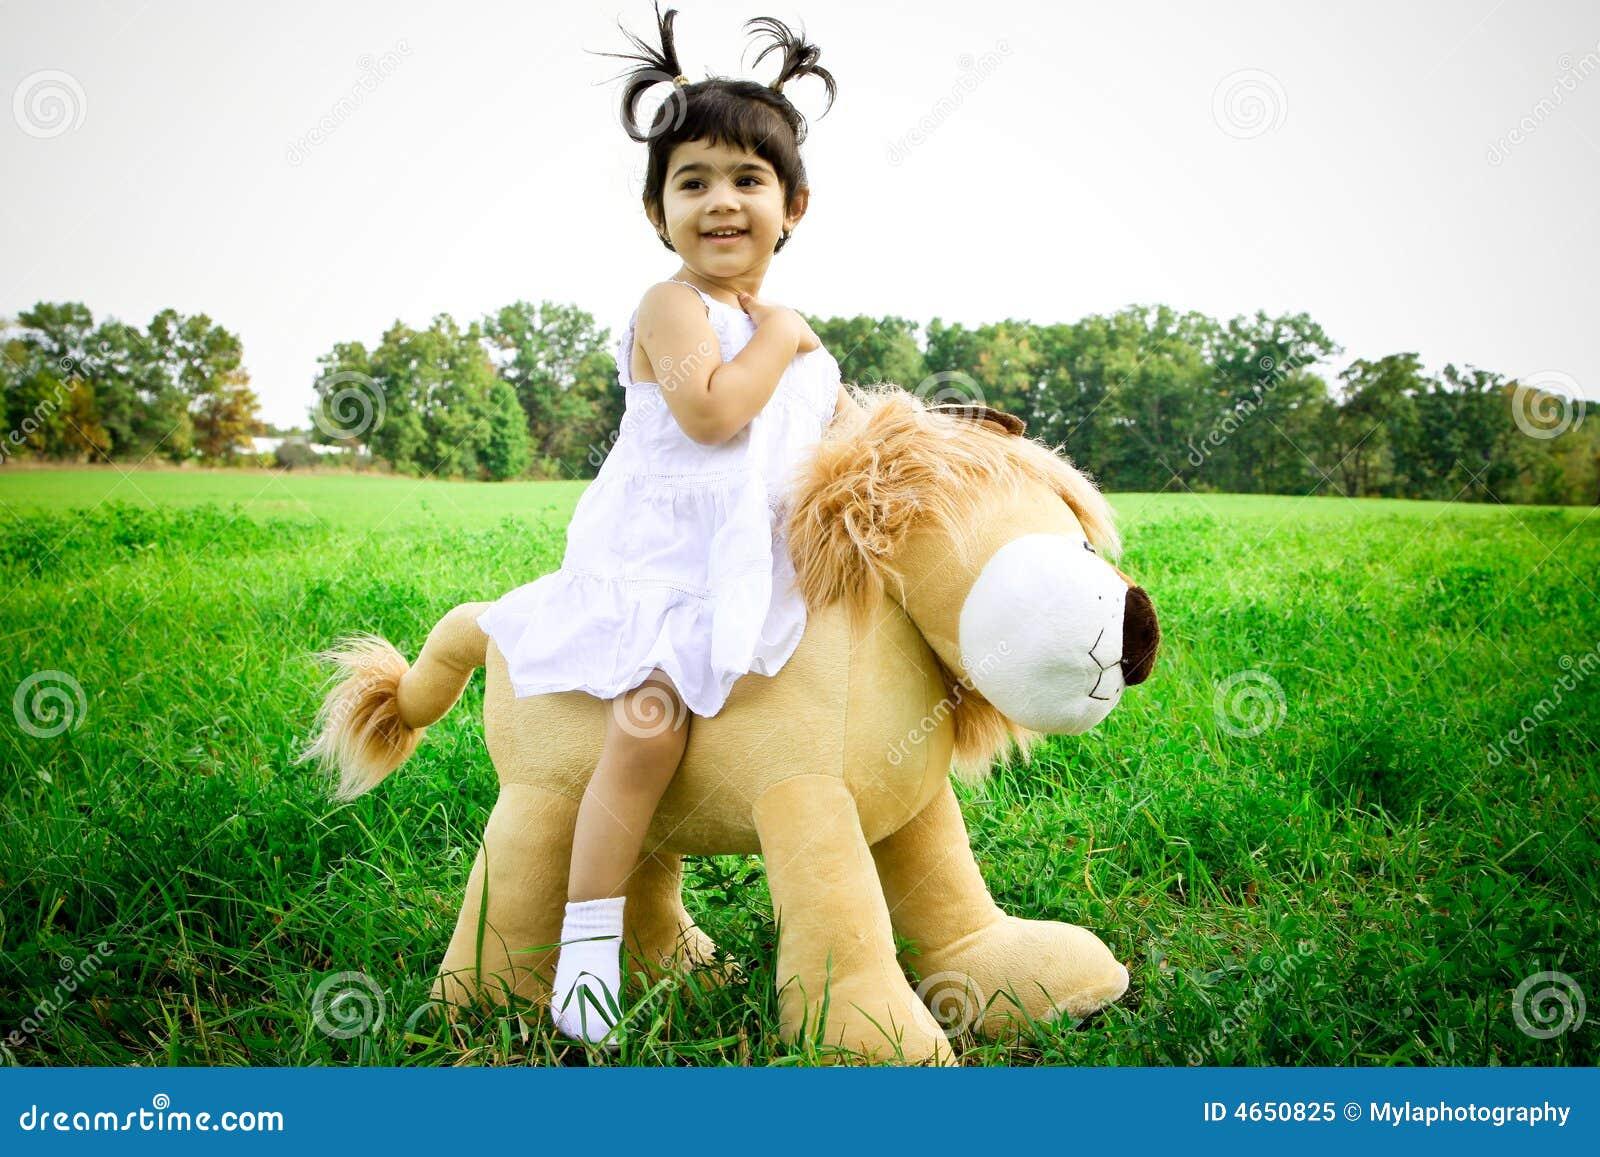 The expert, Girl rides teddy bear share